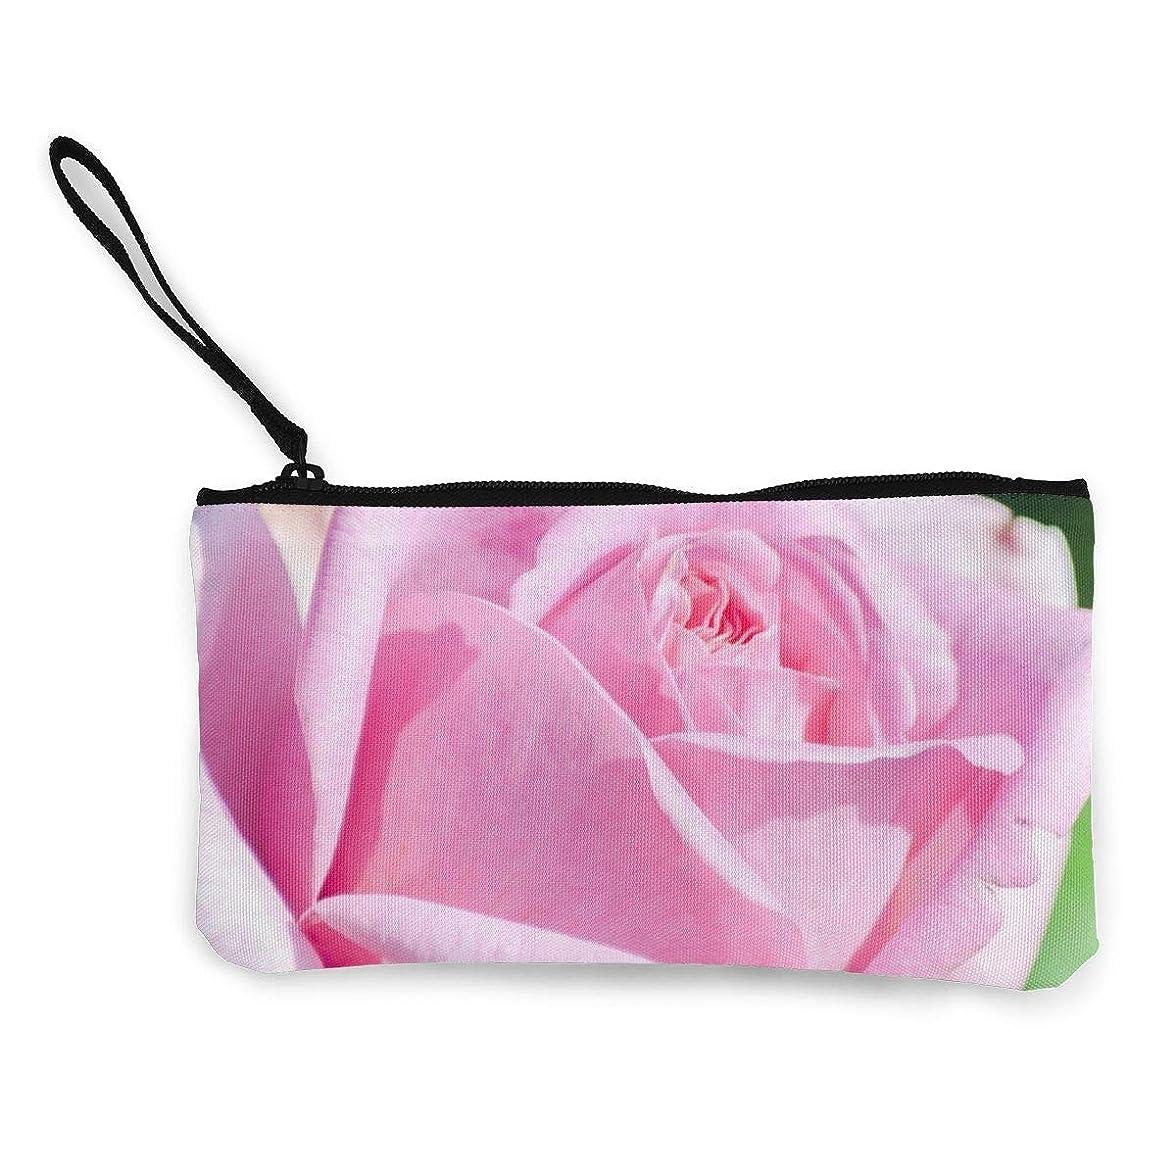 メタン症候群境界ErmiCo レディース 小銭入れ キャンバス財布 桃色のバラ 小遣い財布 財布 鍵 小物 充電器 収納 長財布 ファスナー付き 22×12cm